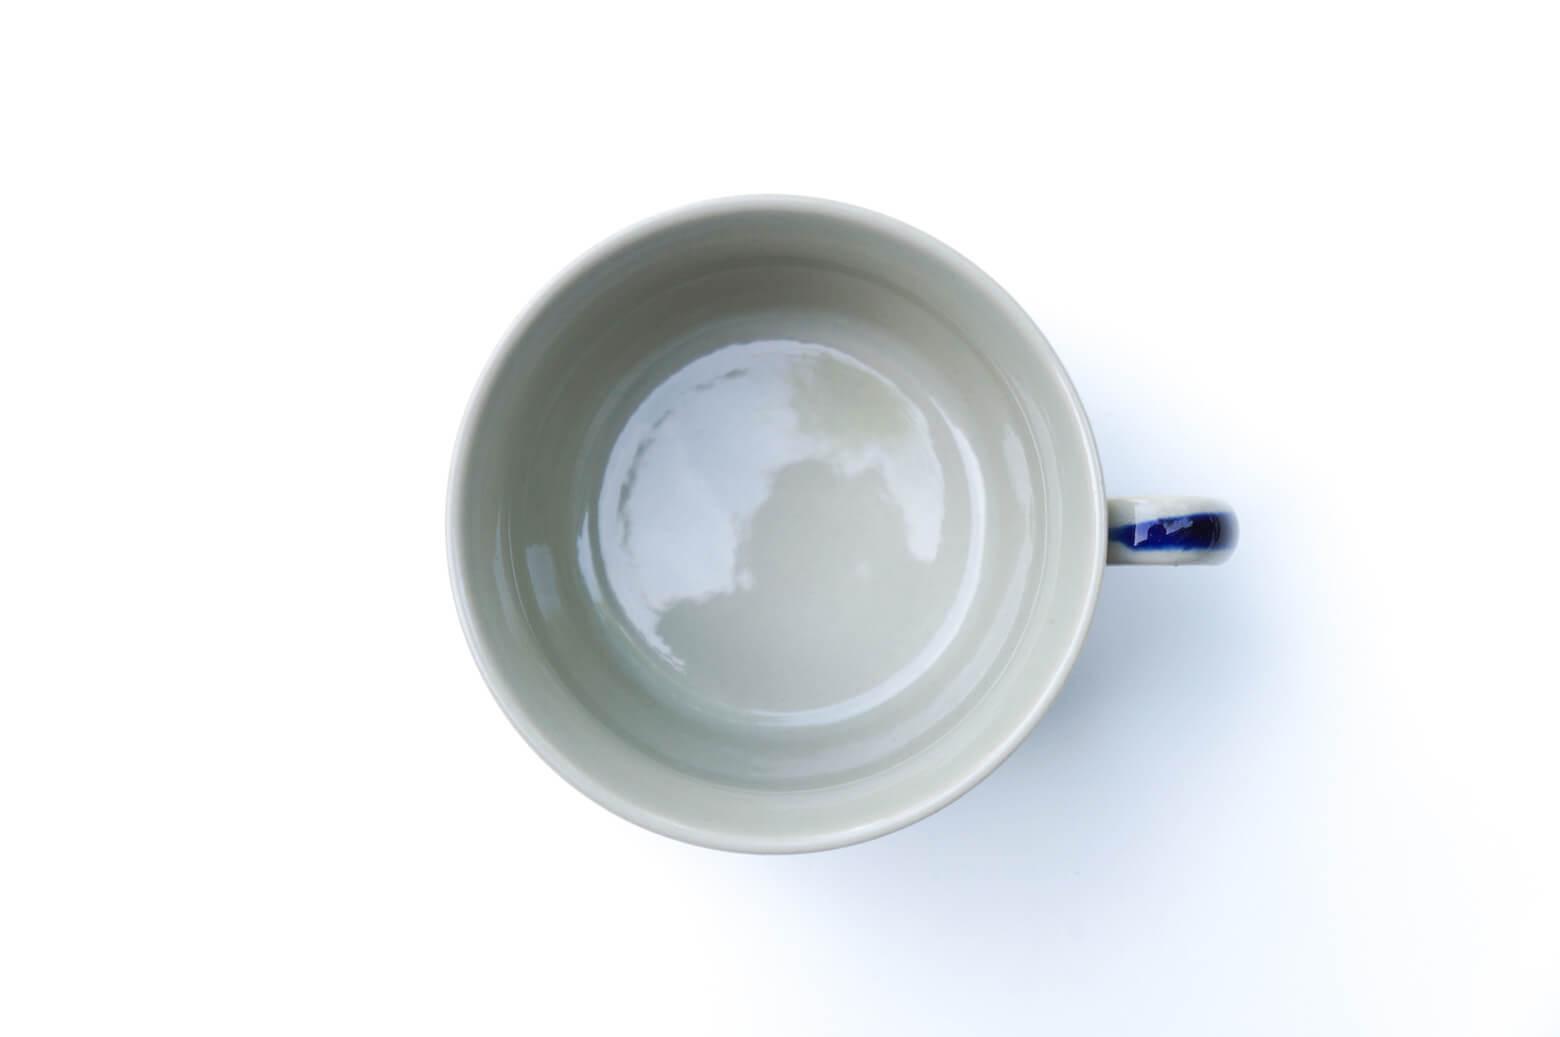 Rorstrand Mira Mare Coffee Cup and Saucer 1 / ロールストランド ミラマーレ コーヒーカップ アンド ソーサー 1